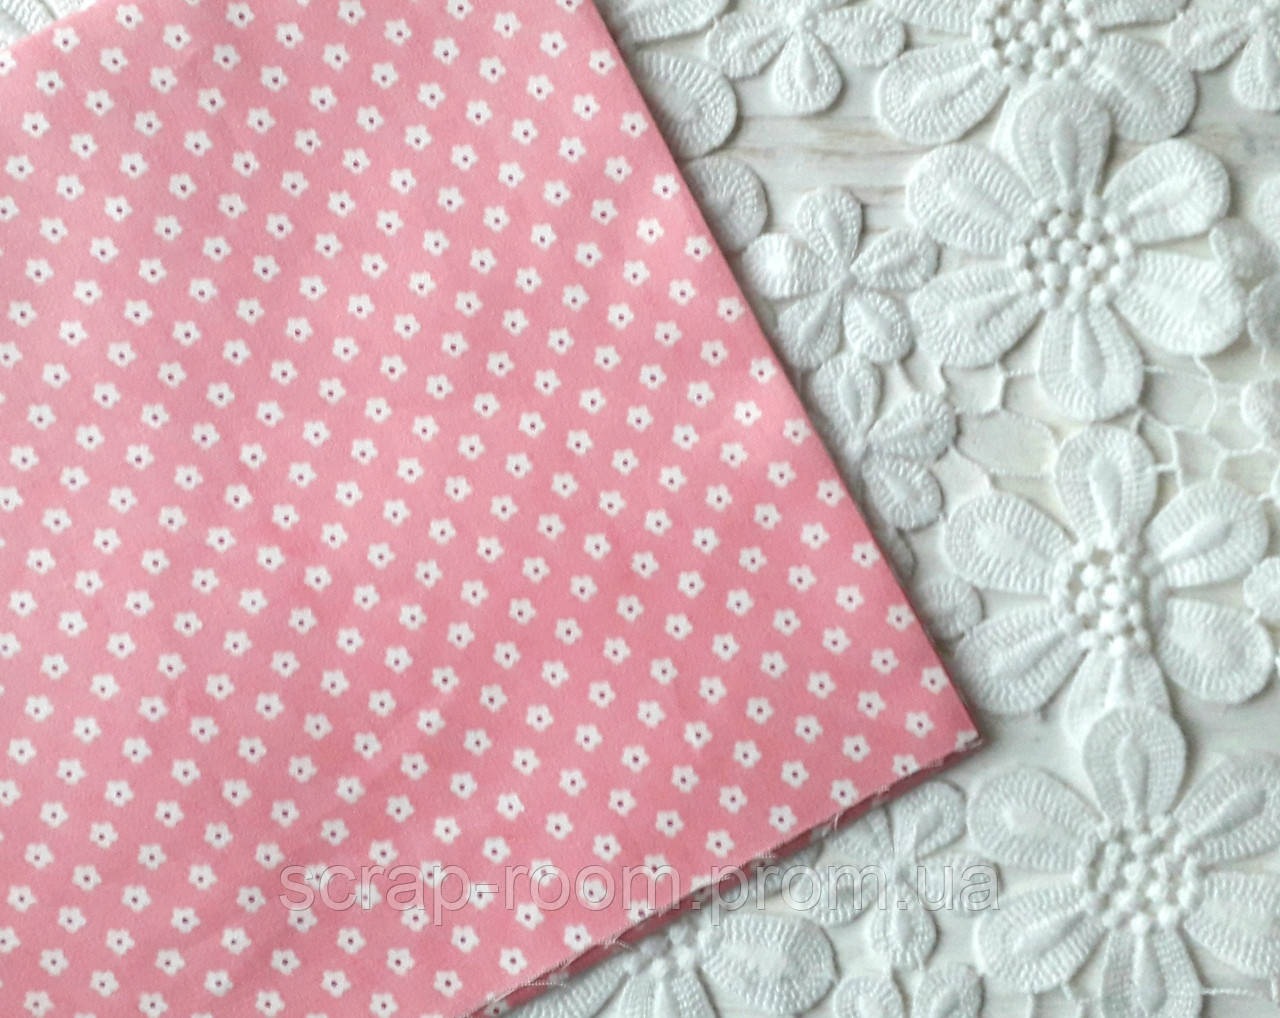 Ткань хлопок 100% Розовая в мелкие цветочки, цветочный хлопок, Корея отрез 20 на 50 см